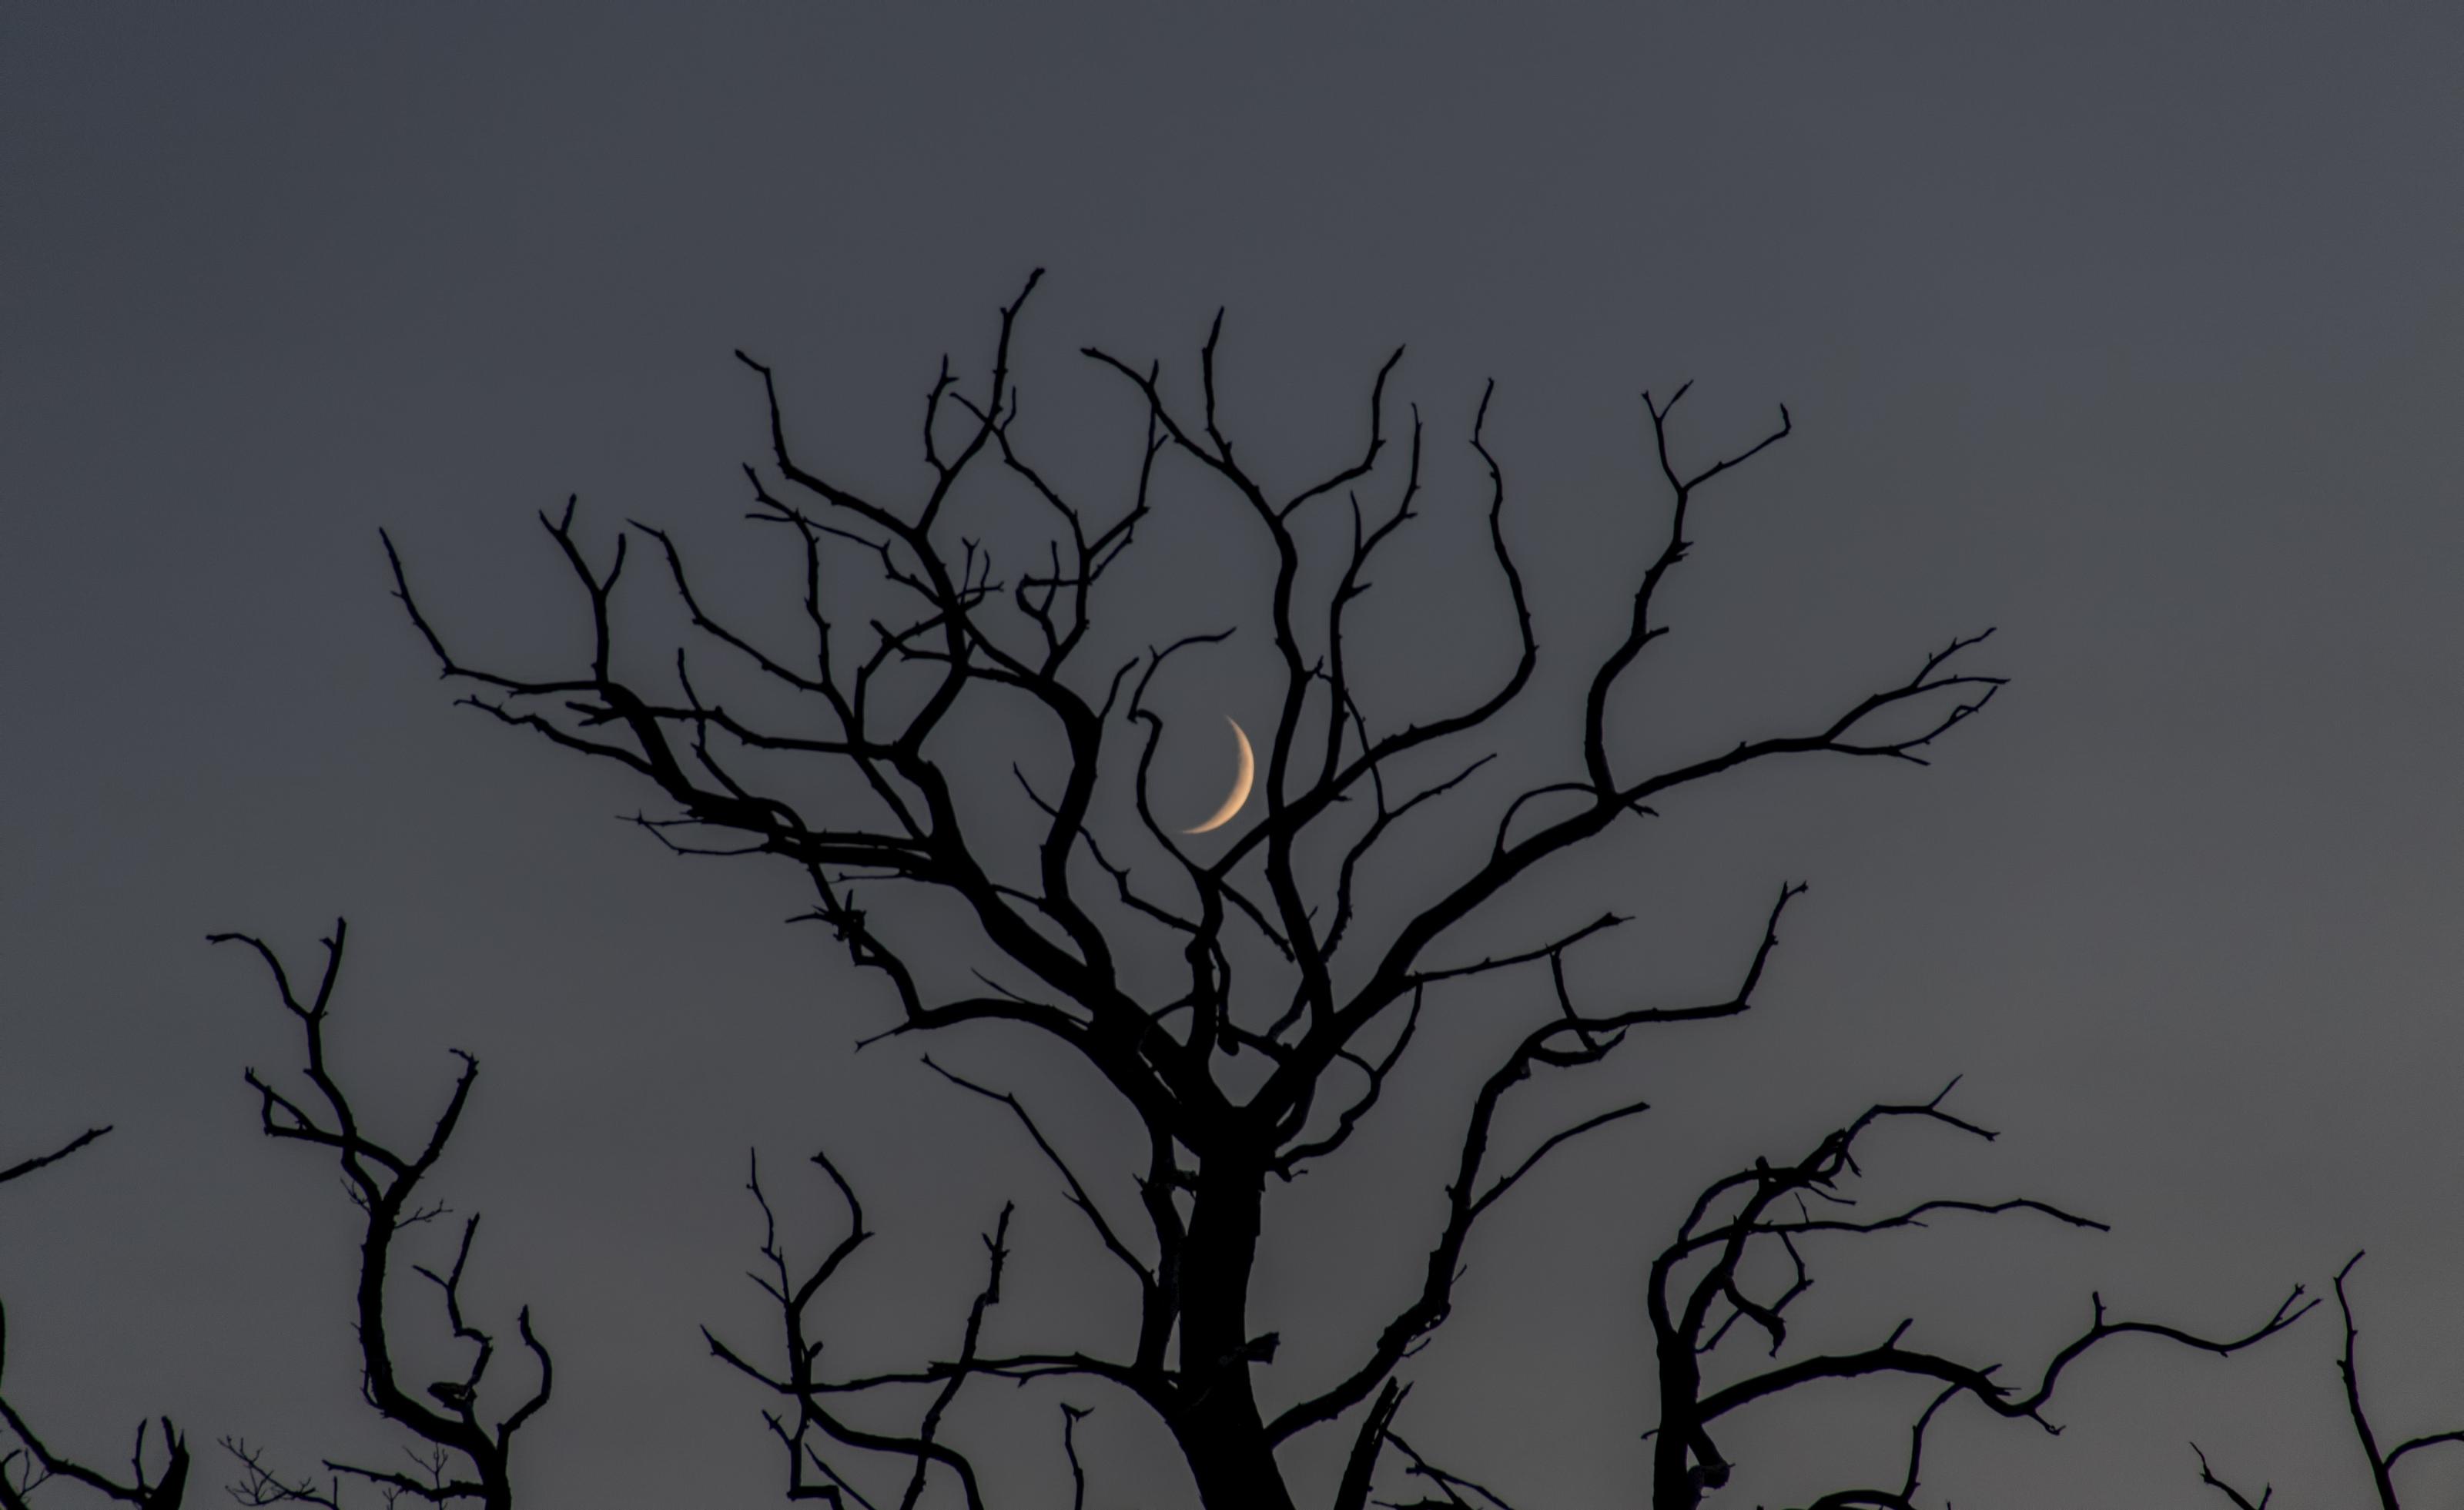 L'arbre et la Lune